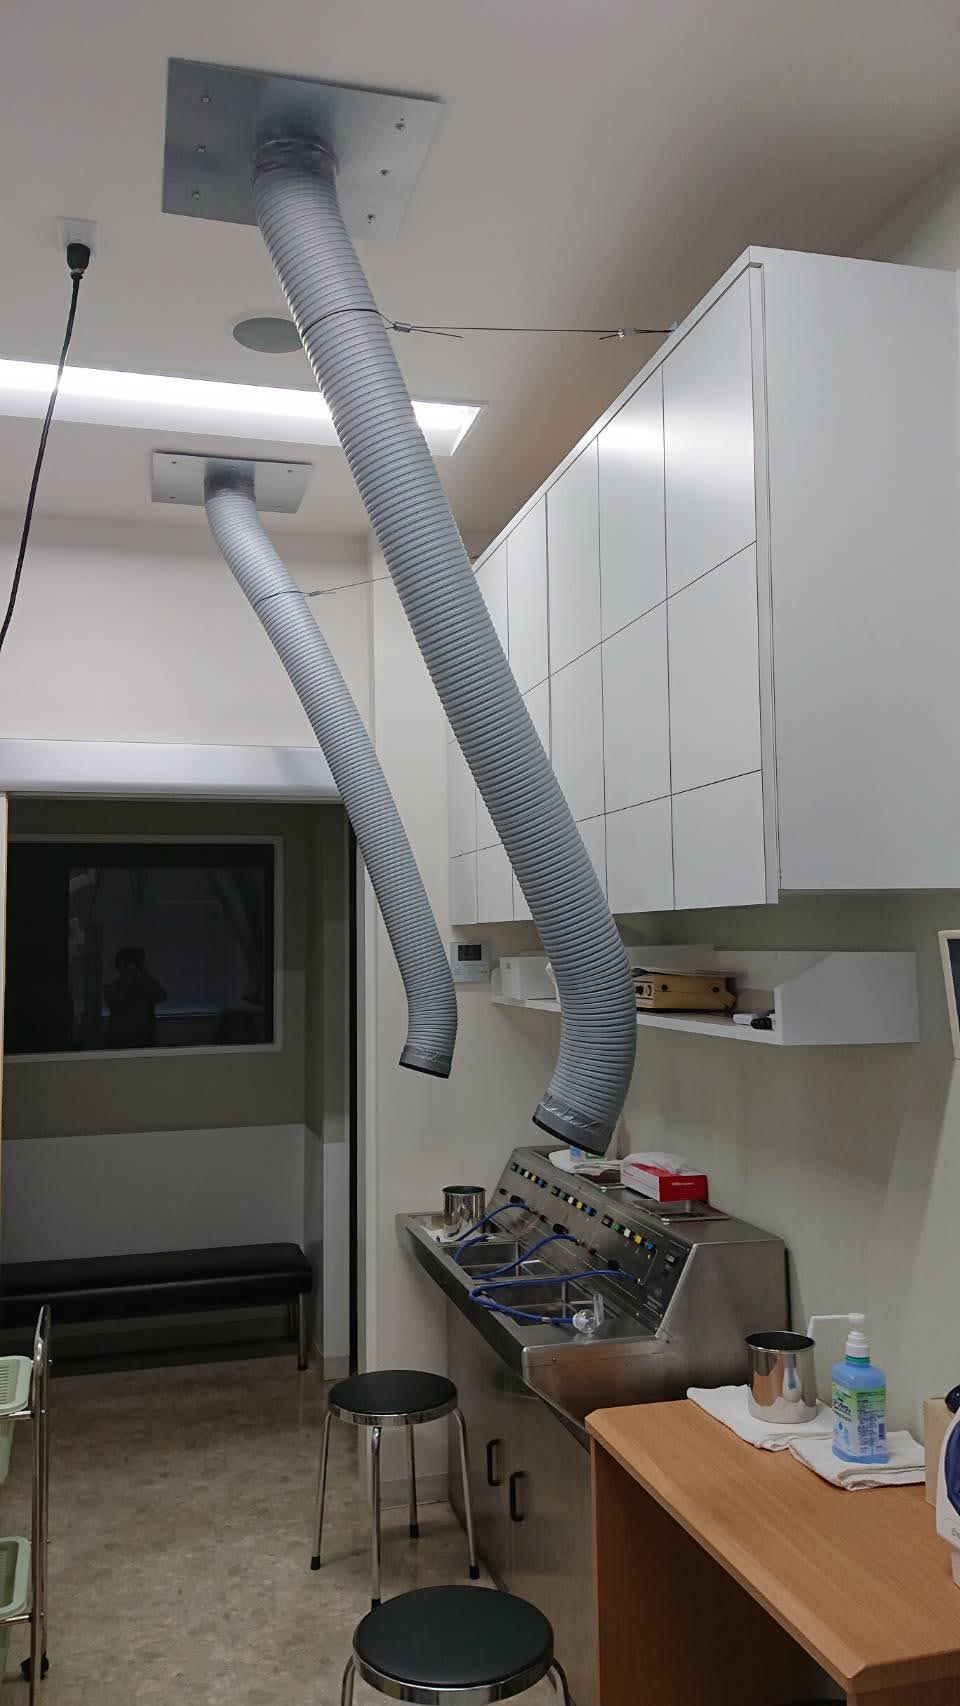 ネプライザー治療用の換気扇ダクトを新設